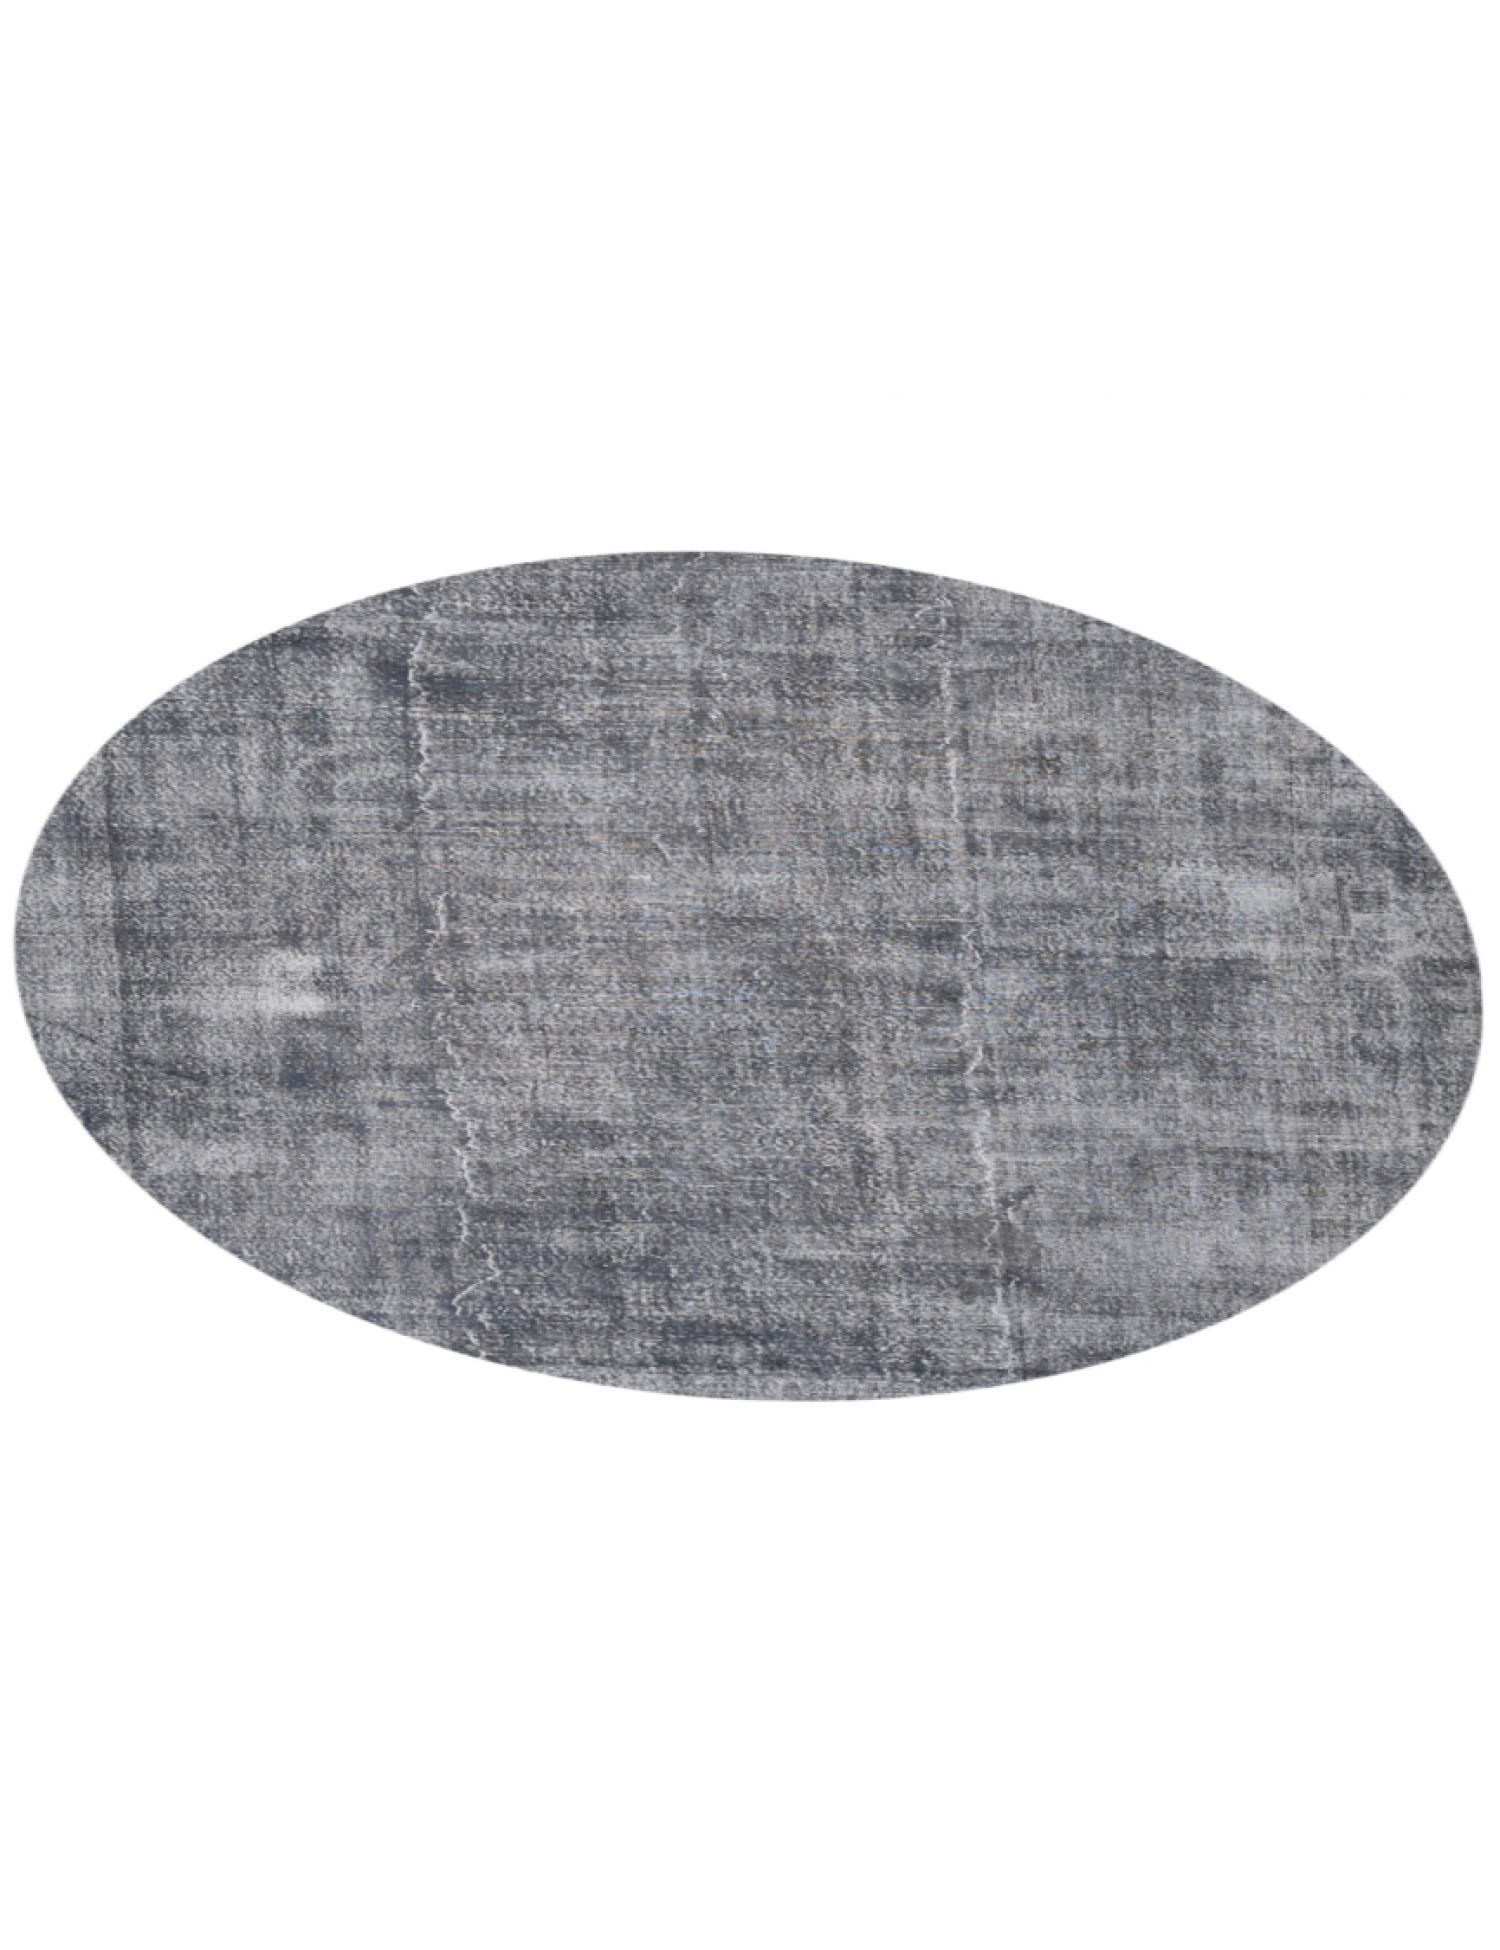 Vintage Teppich rund  grau <br/>256 x 256 cm